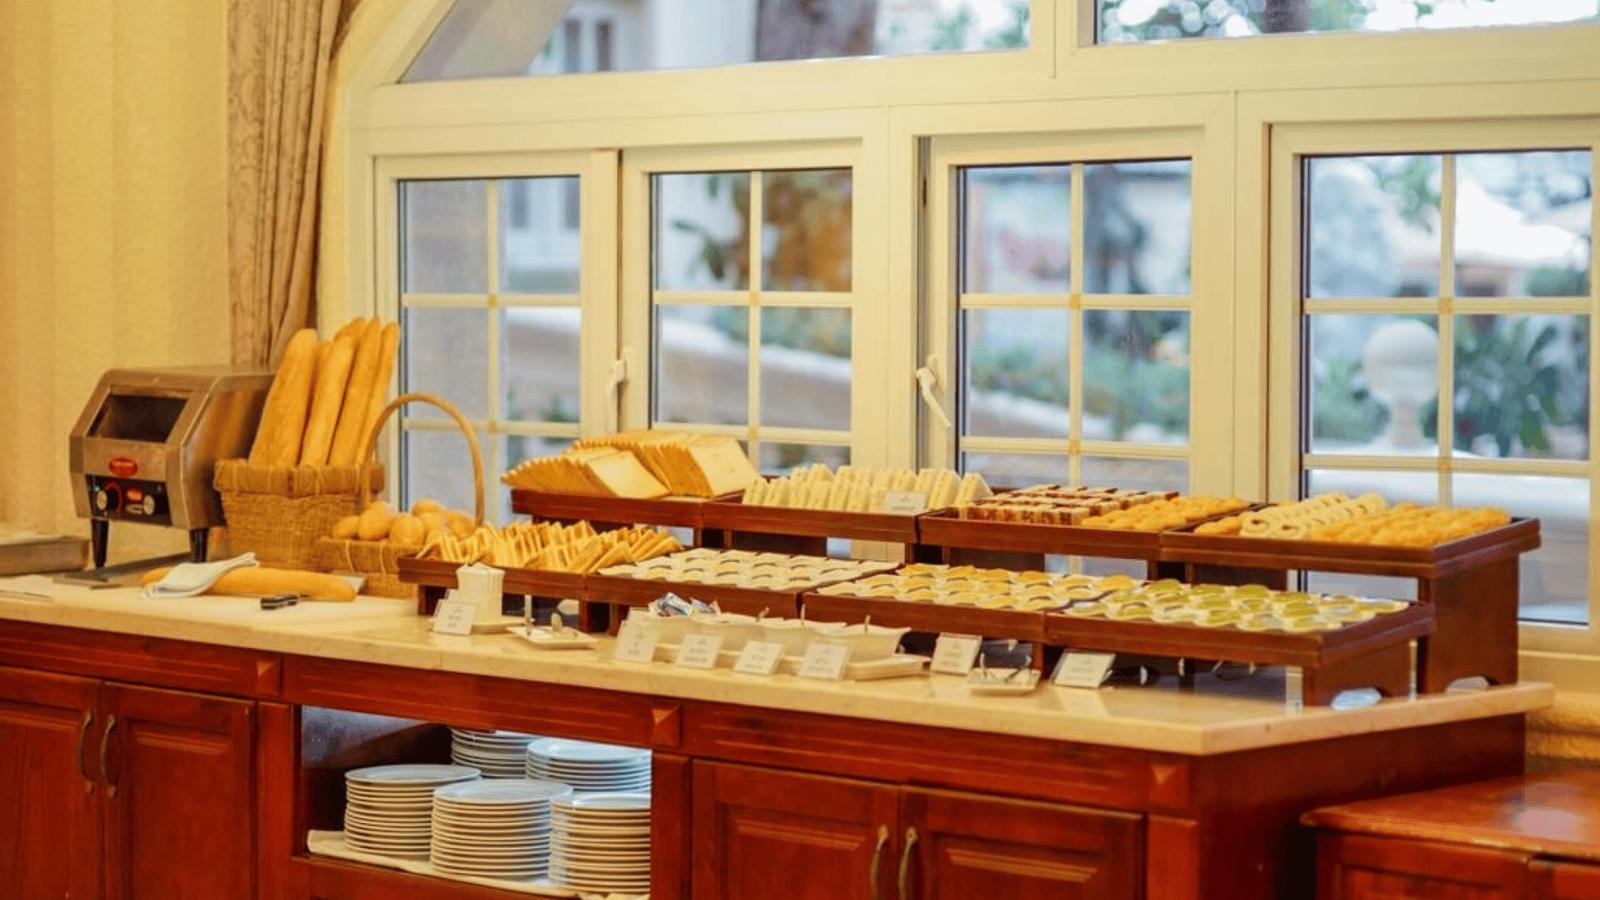 Buffet sáng cao cấp tại nhà hàng của Lan Rừng Resort